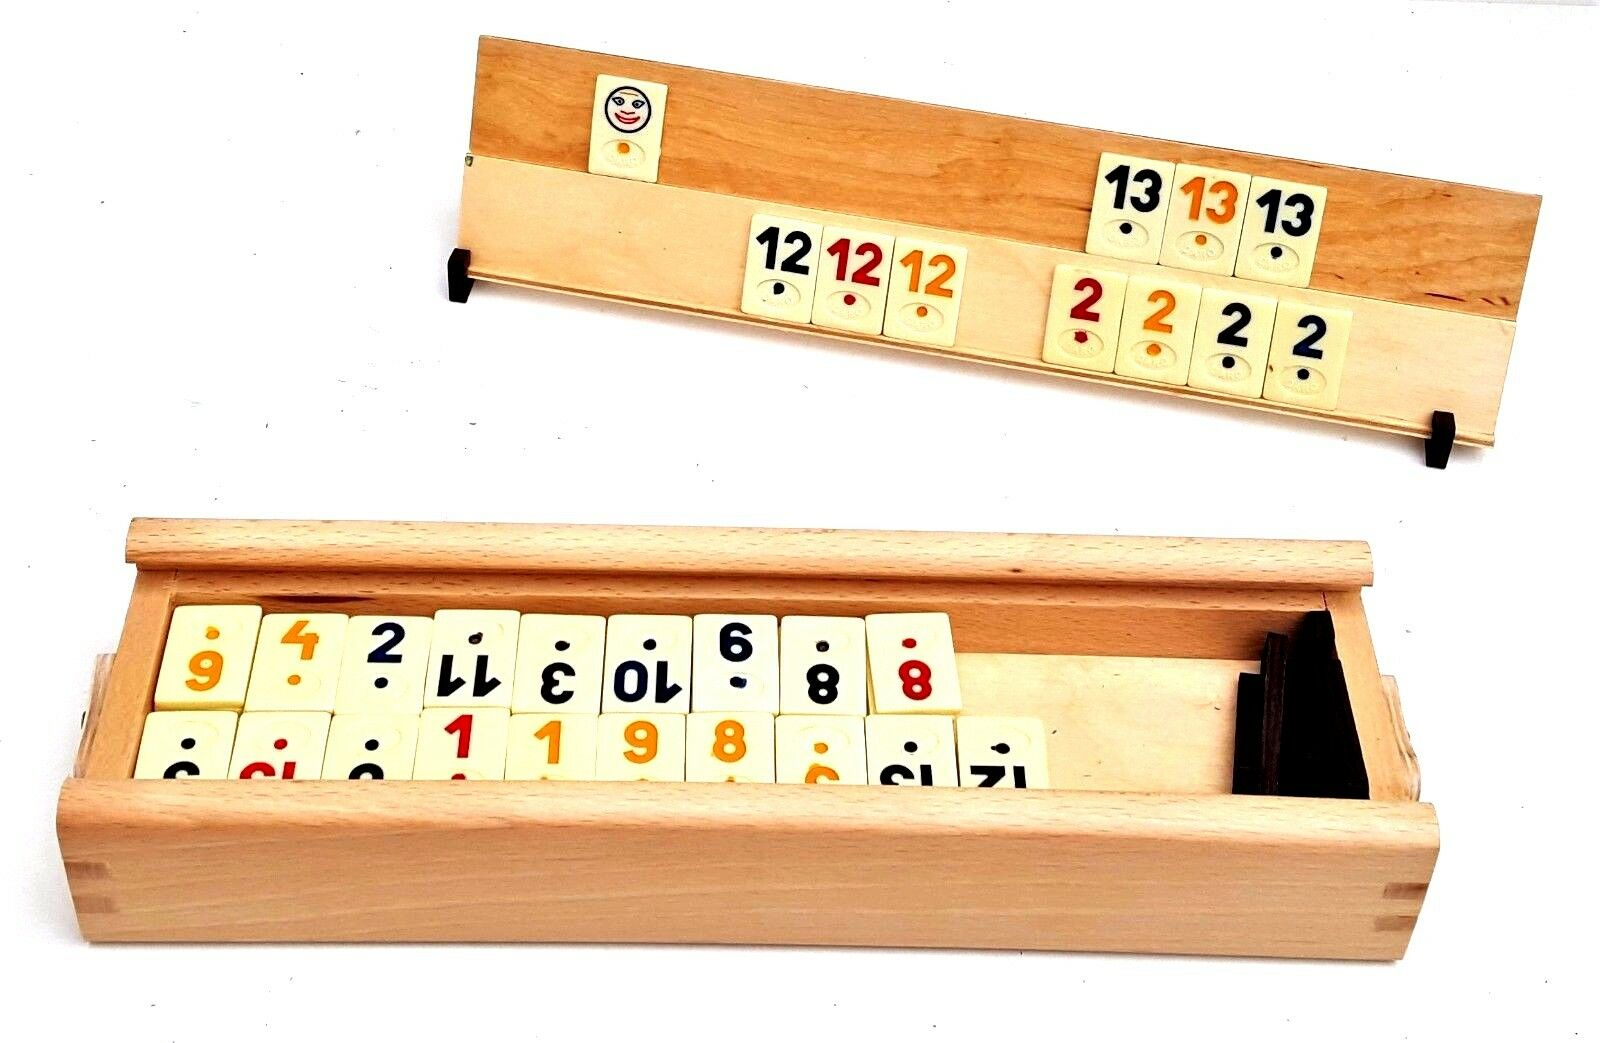 Rummikub in wooden box, Fun Family Tile game